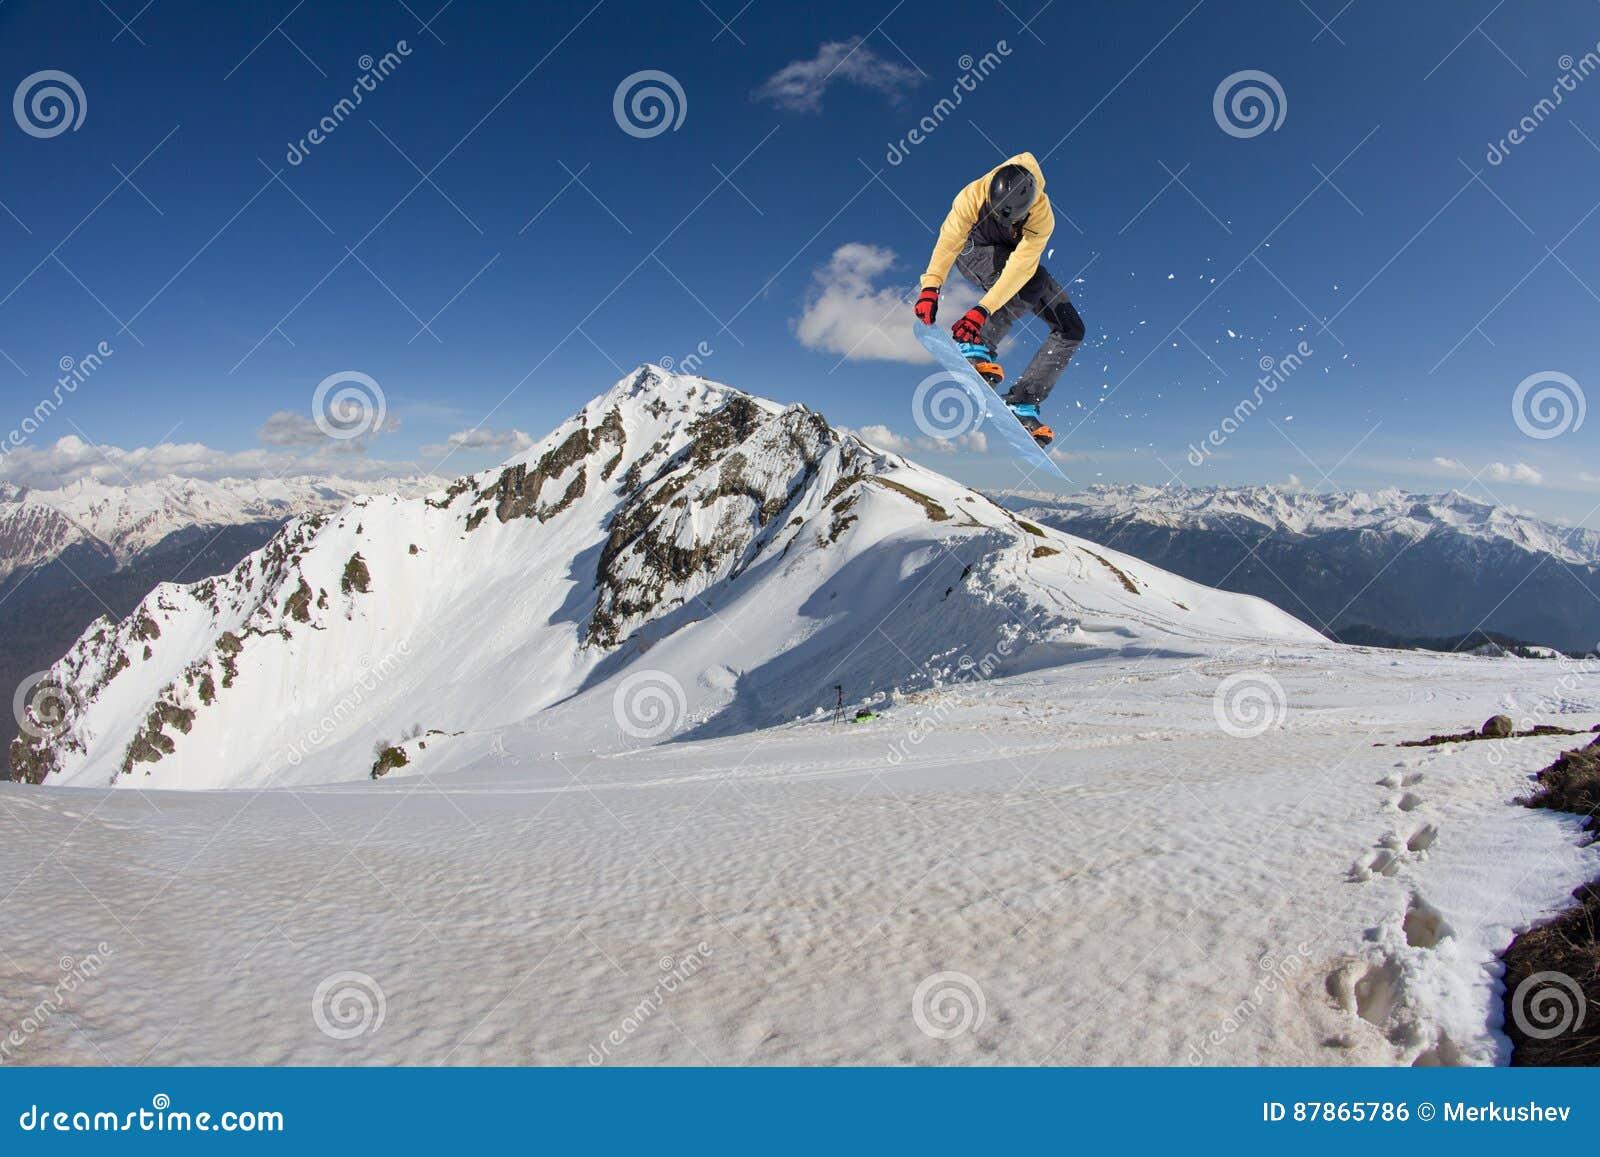 Flugwesen Snowboarder auf Bergen Extremer Wintersport